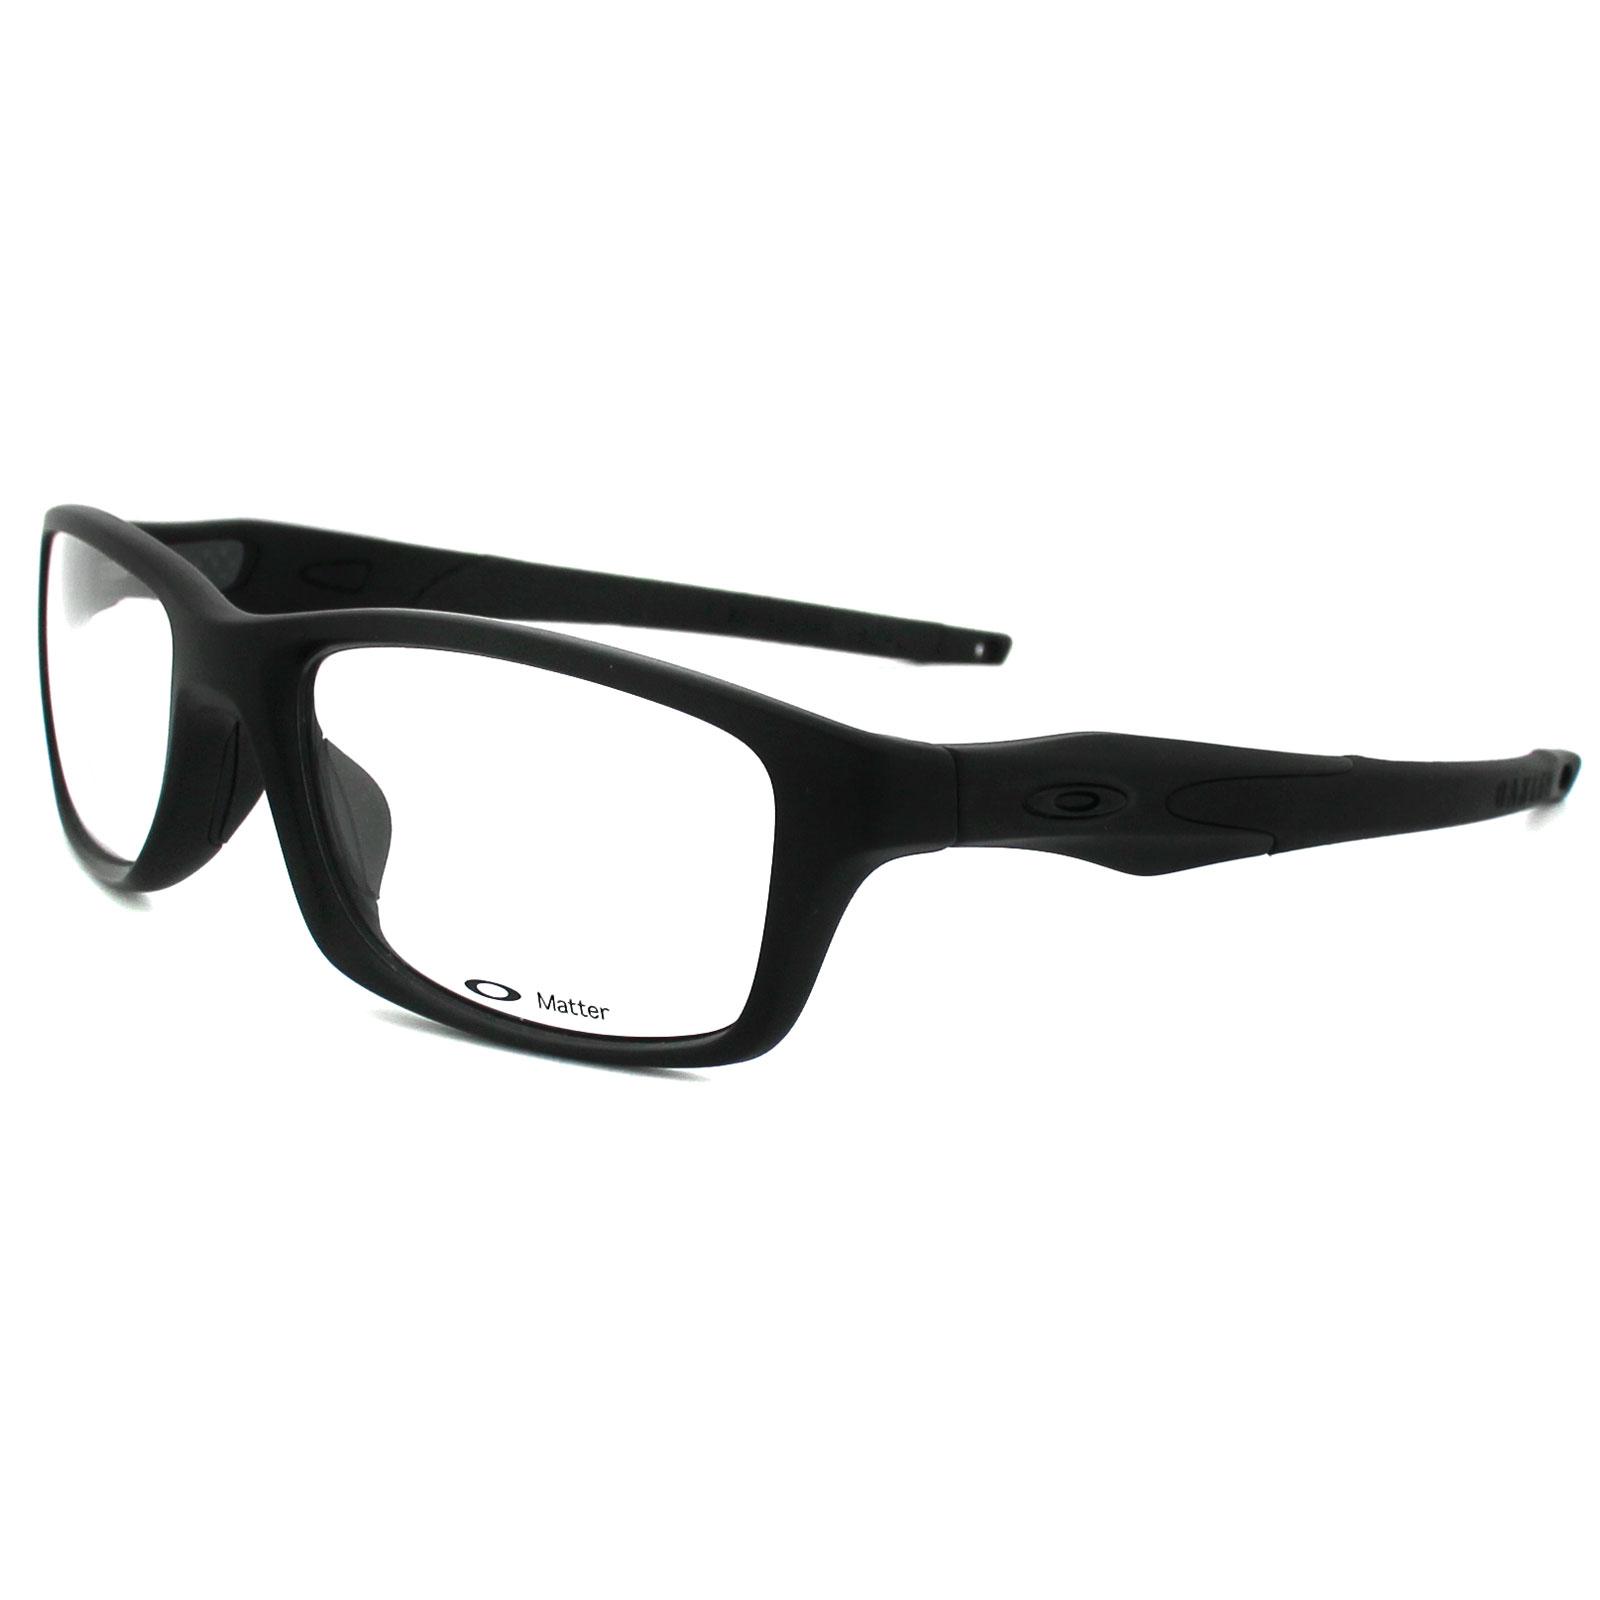 0f45240911d Oakley Crosslink XL Glasses Frames